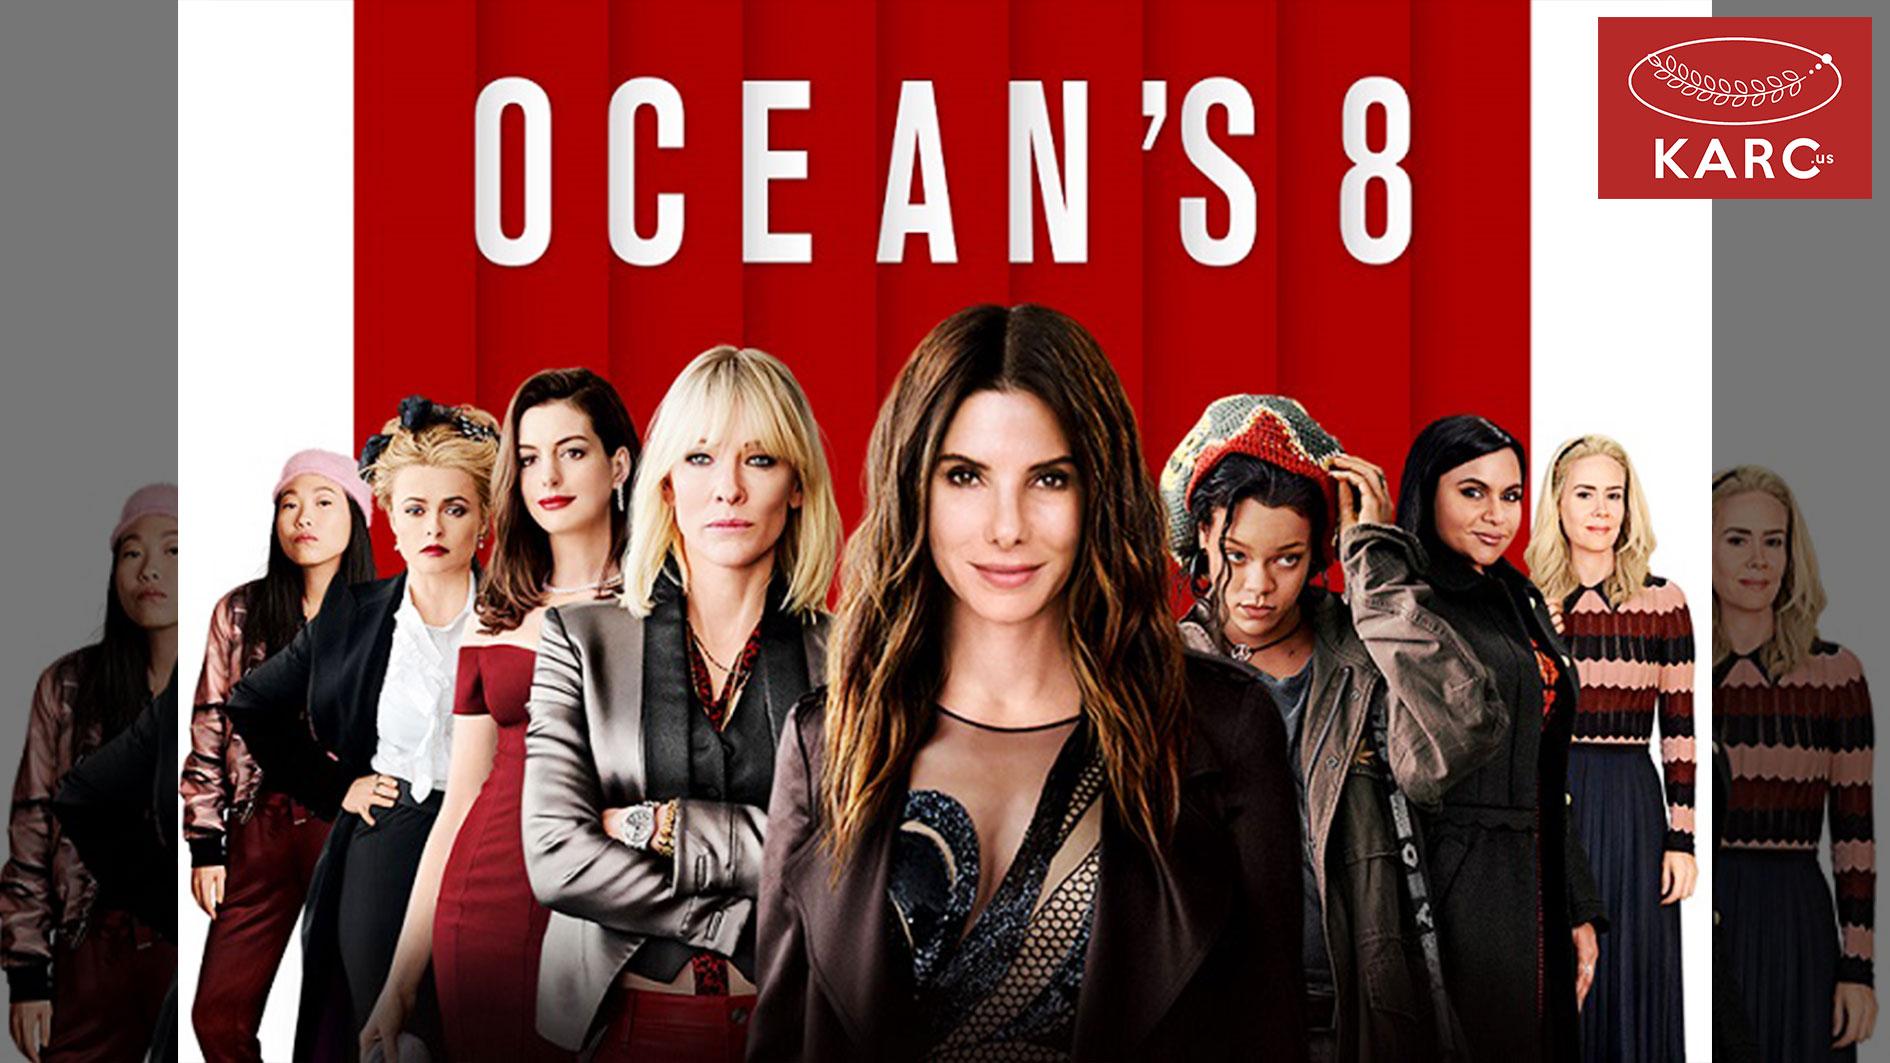 """แนะนำหนังสนุก รับวันหยุดยาว กับหนังปล้นสุดชิค สไตล์ตัวแม่ """"Ocean 8""""-"""